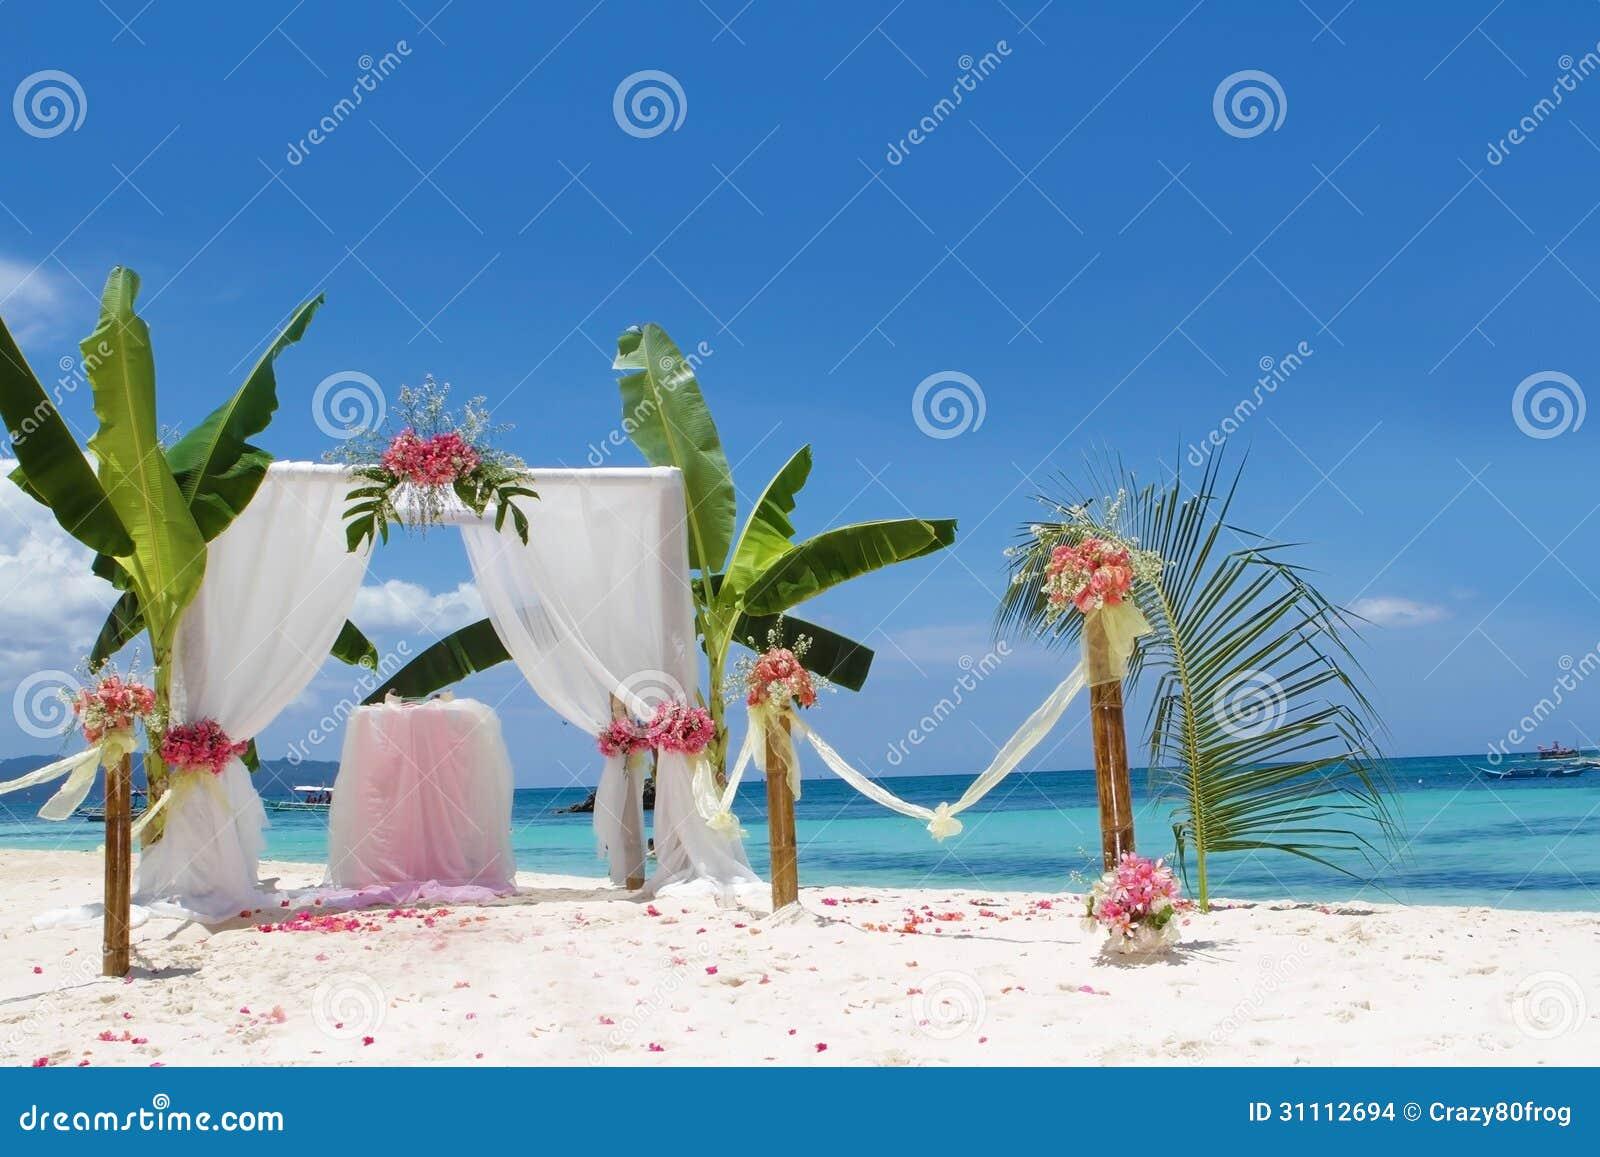 Background beach wedding